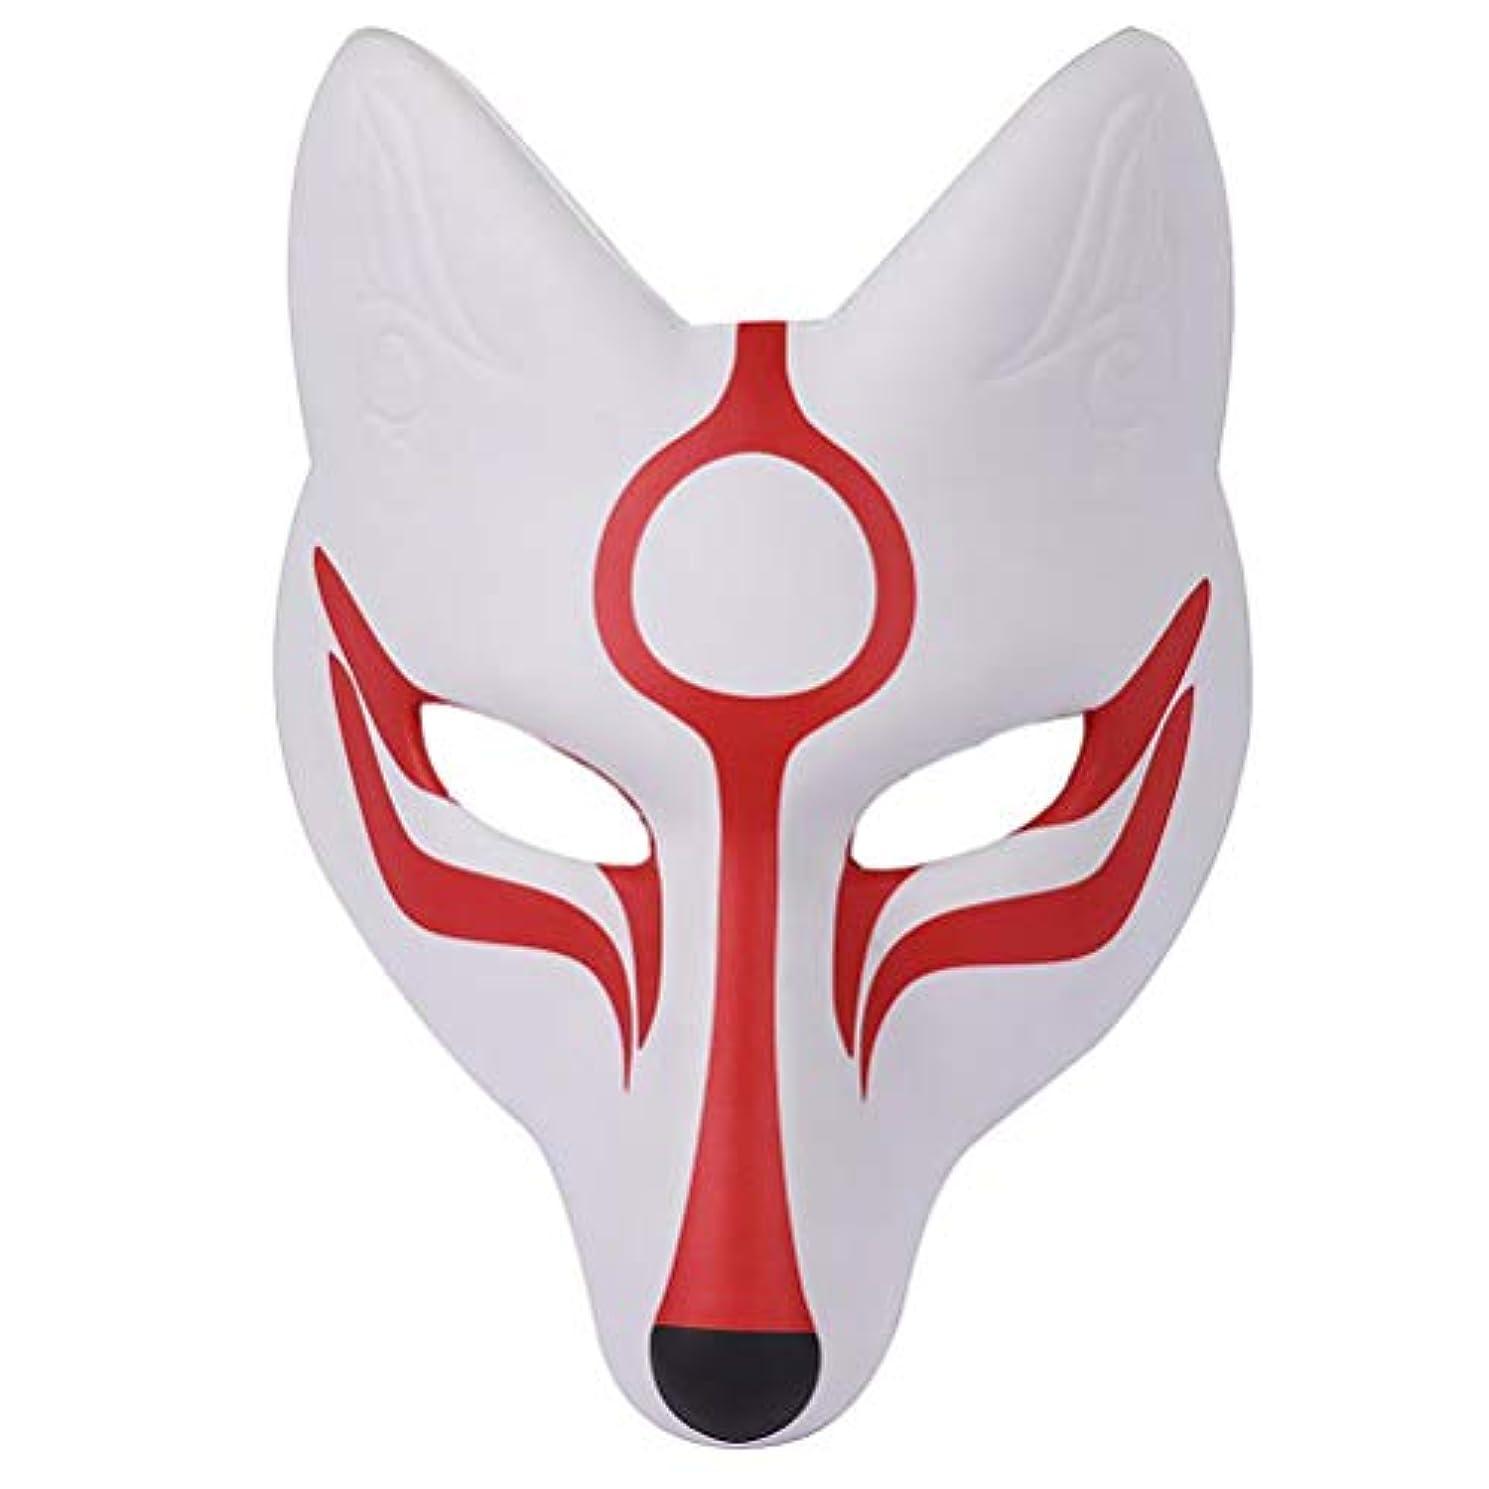 欲望自我突破口AMOSFUN フォックスマスク日本歌舞伎きつねマスク用男性女性子供ハロウィーン仮装衣装プロップ